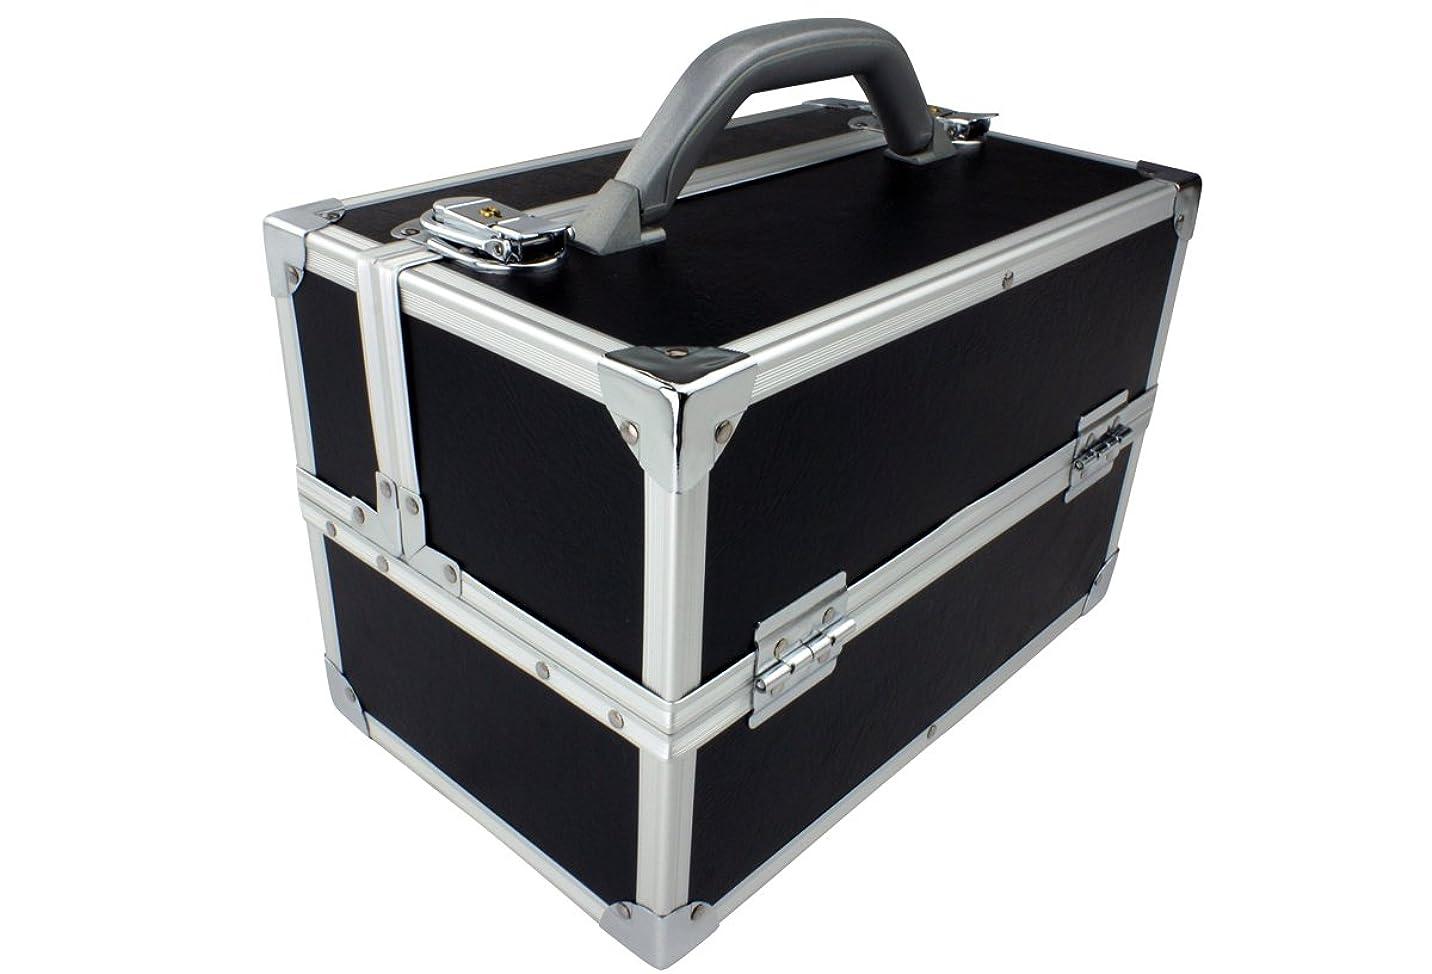 遷移オレンジ機構【数量限定15%オフ】メイクボックス|C2617BK-4|軽量タイプ|コスメボックス 化粧箱 メイクアップボックス